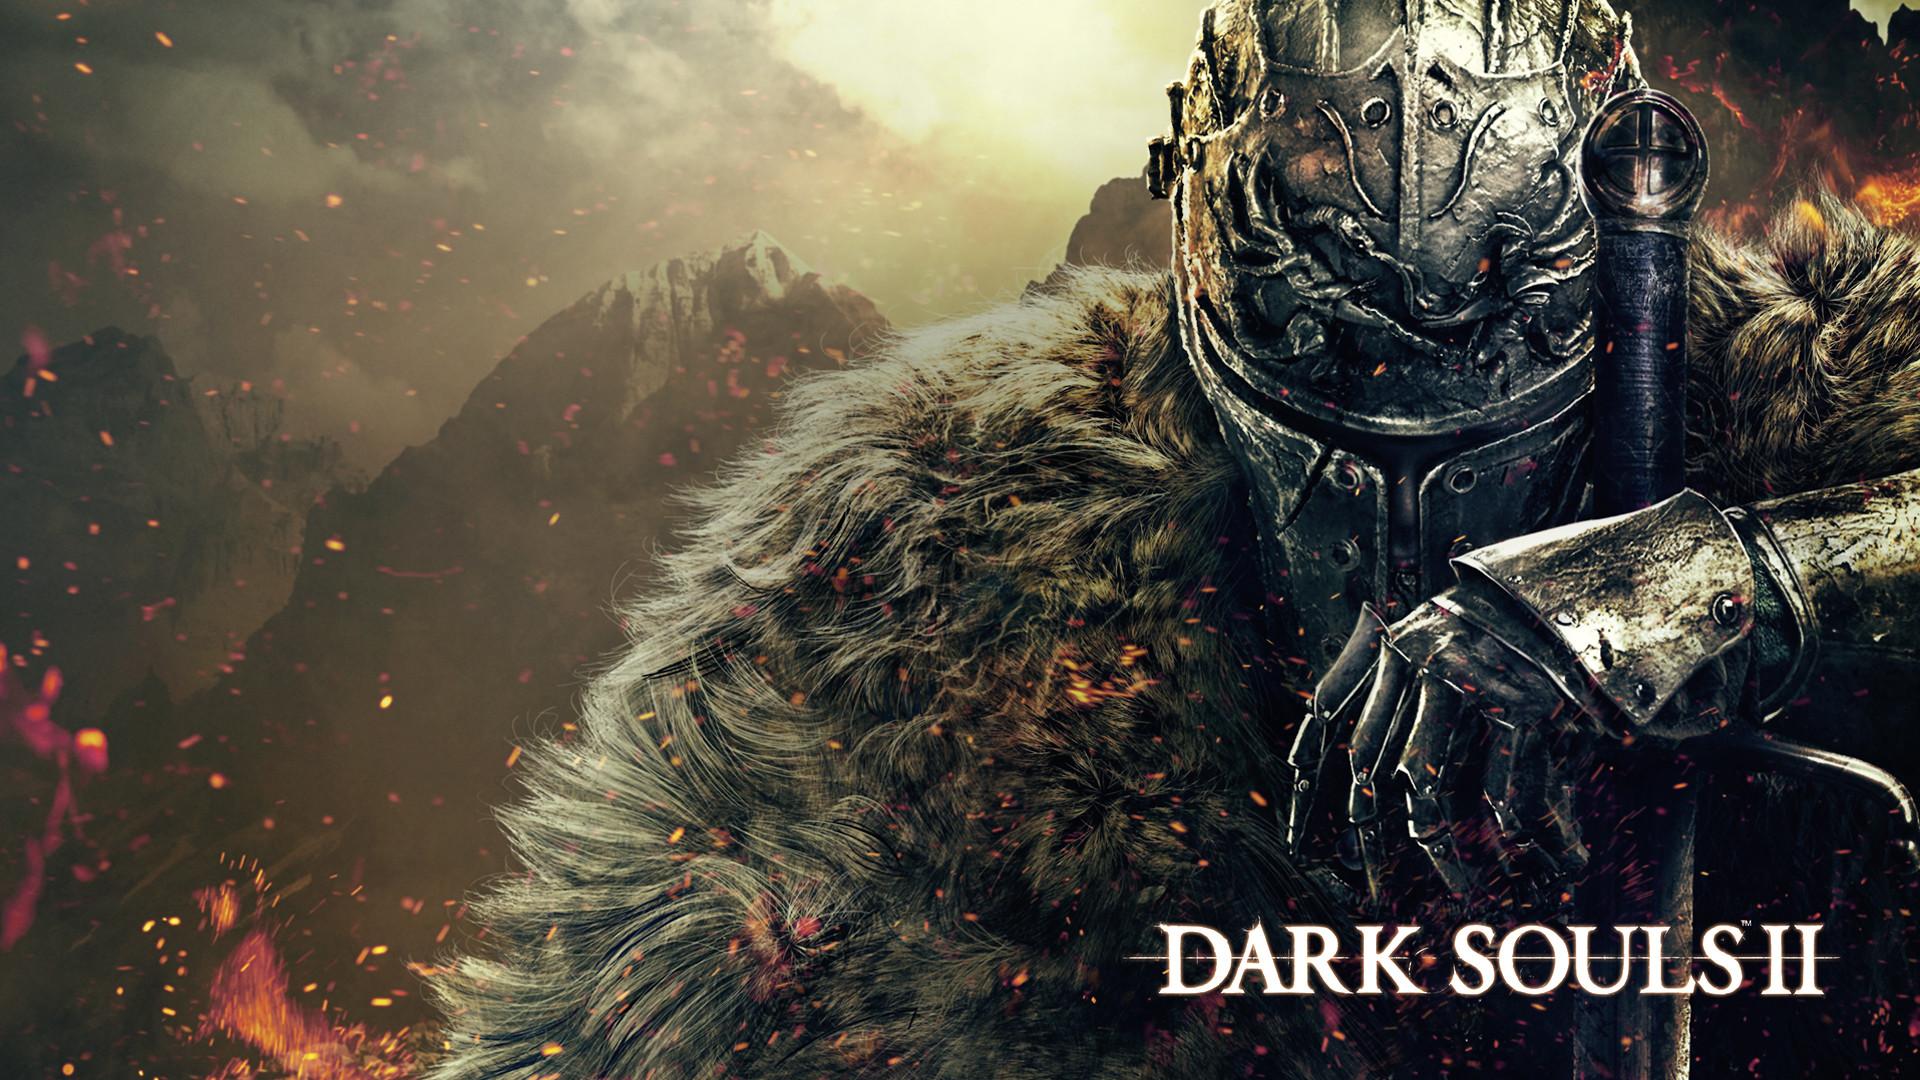 Res: 1920x1080, Dark Souls 2 Concept Art Wallpaper